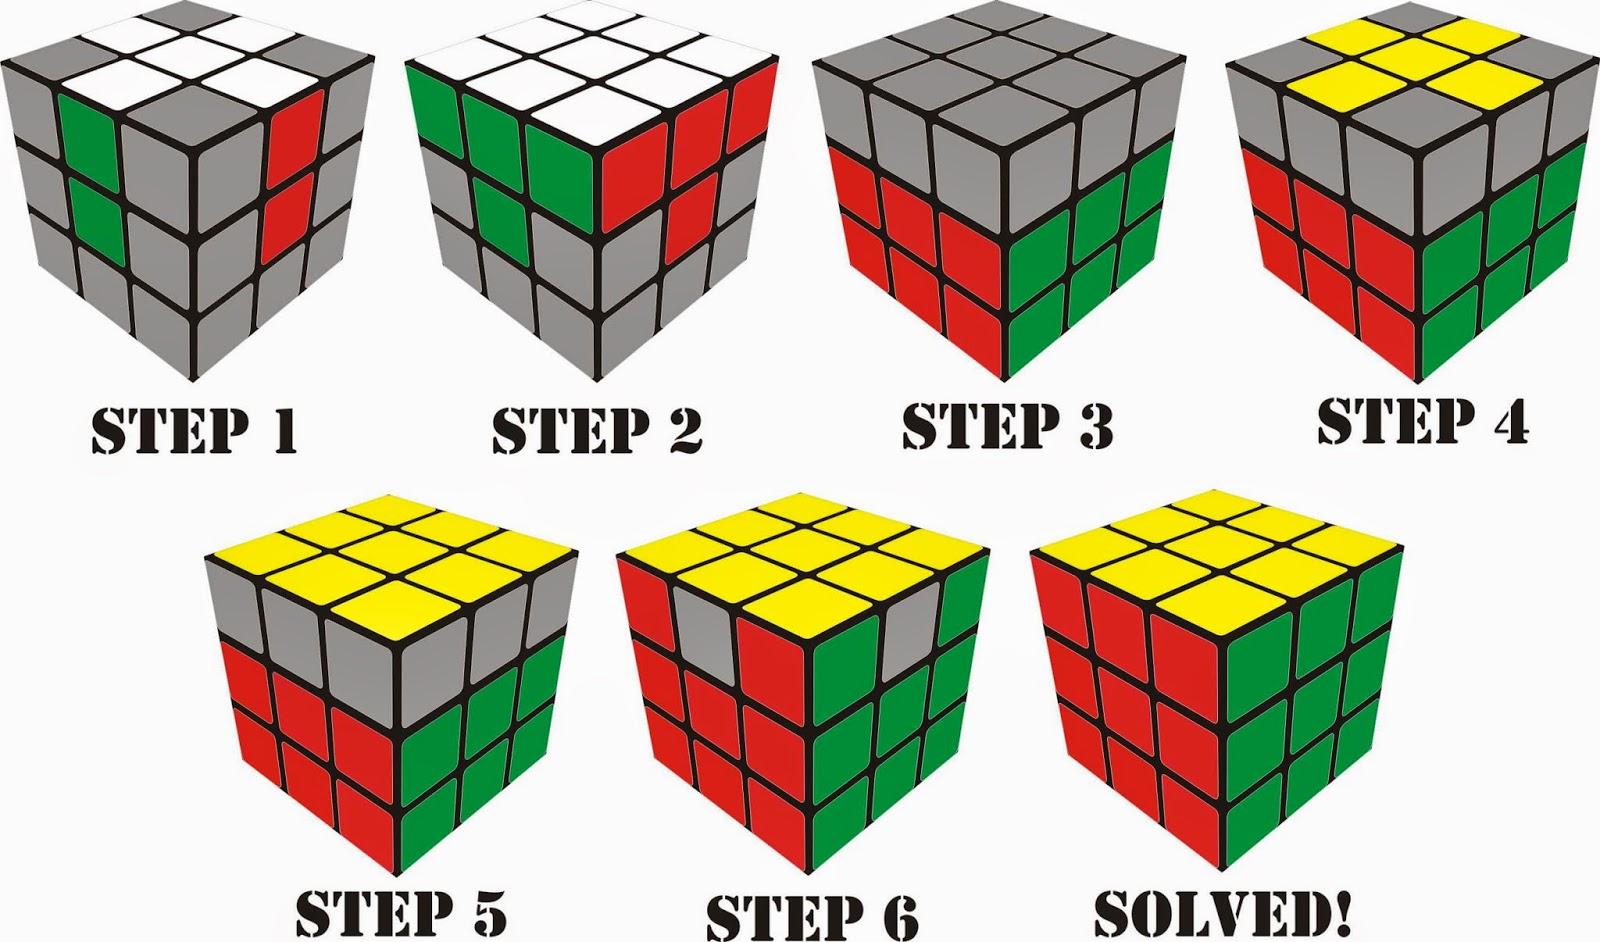 Cara Menyelesaikan Rubik Untuk Pemula Bagian 1 Anaufalm Blog